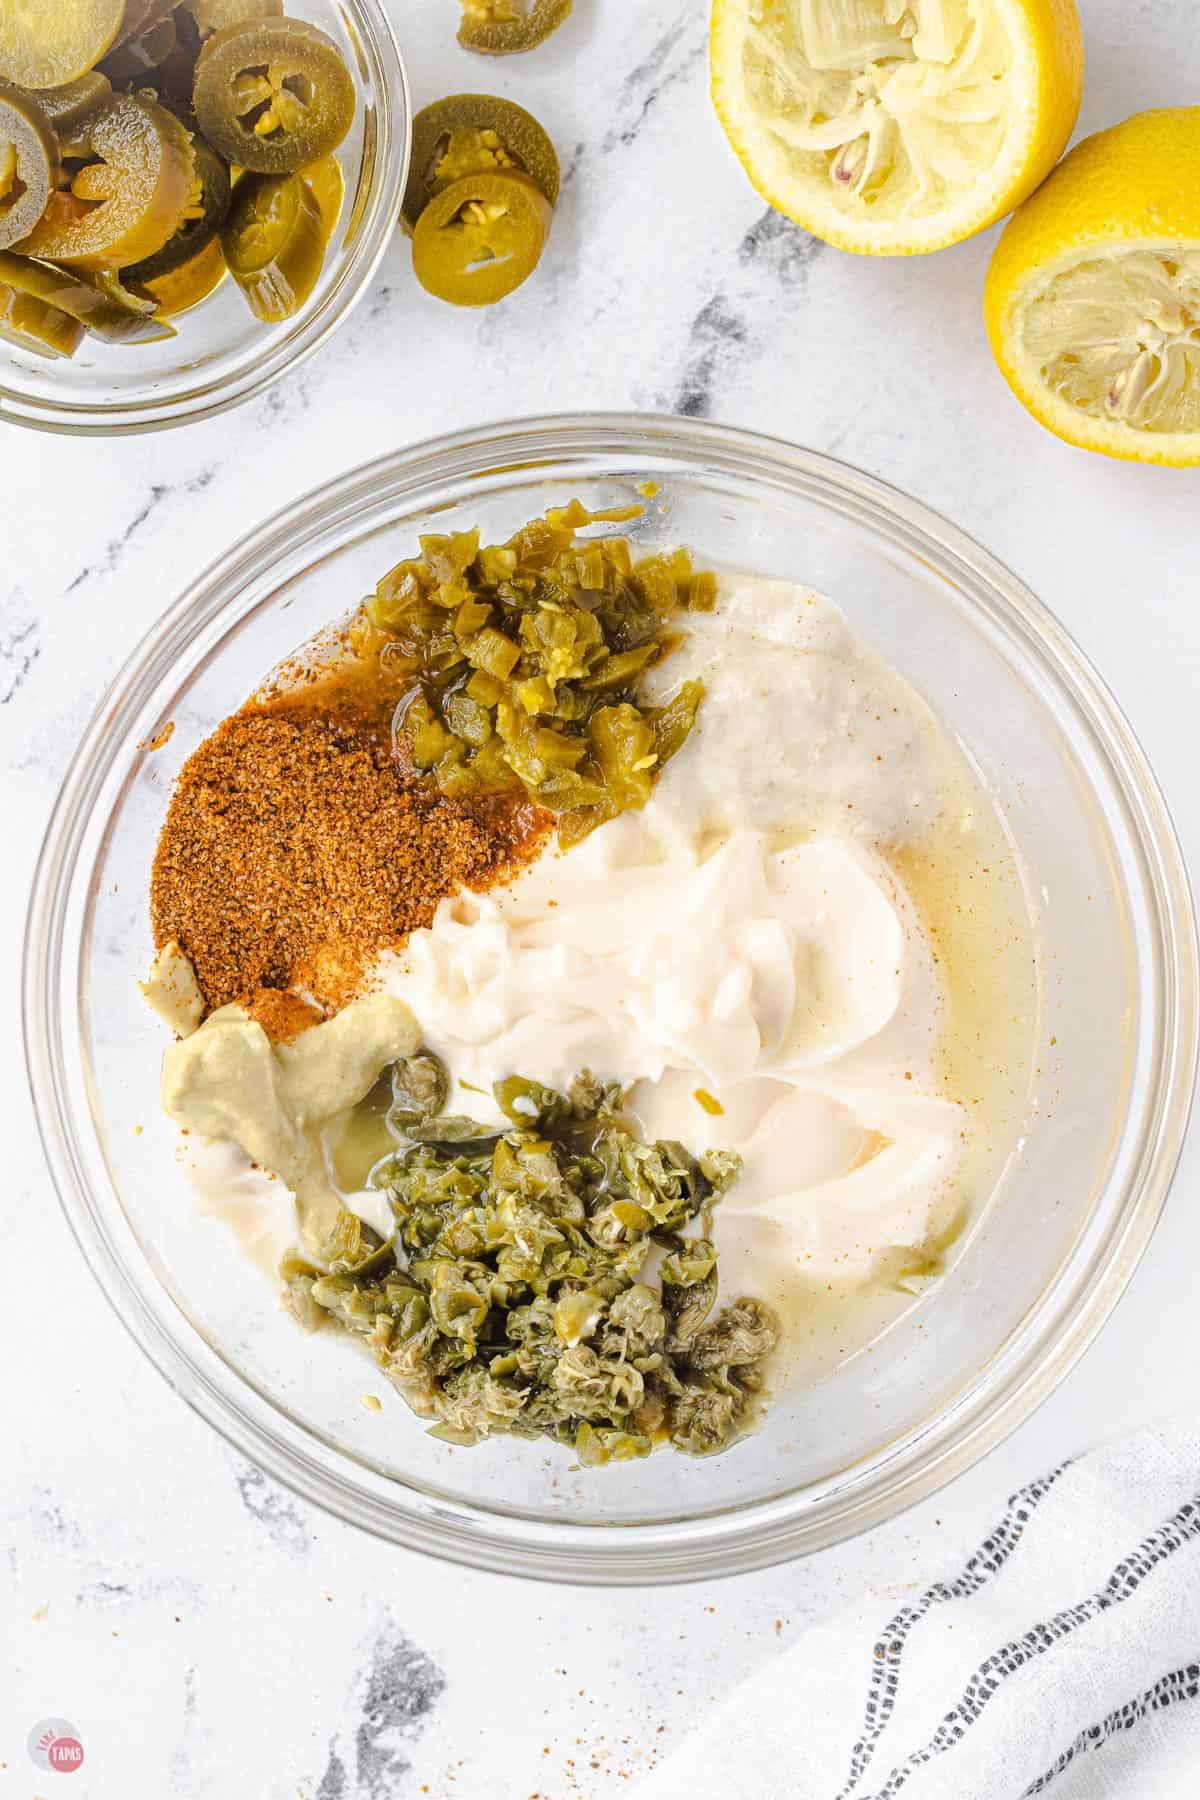 bowl of tarter sauce ingredients